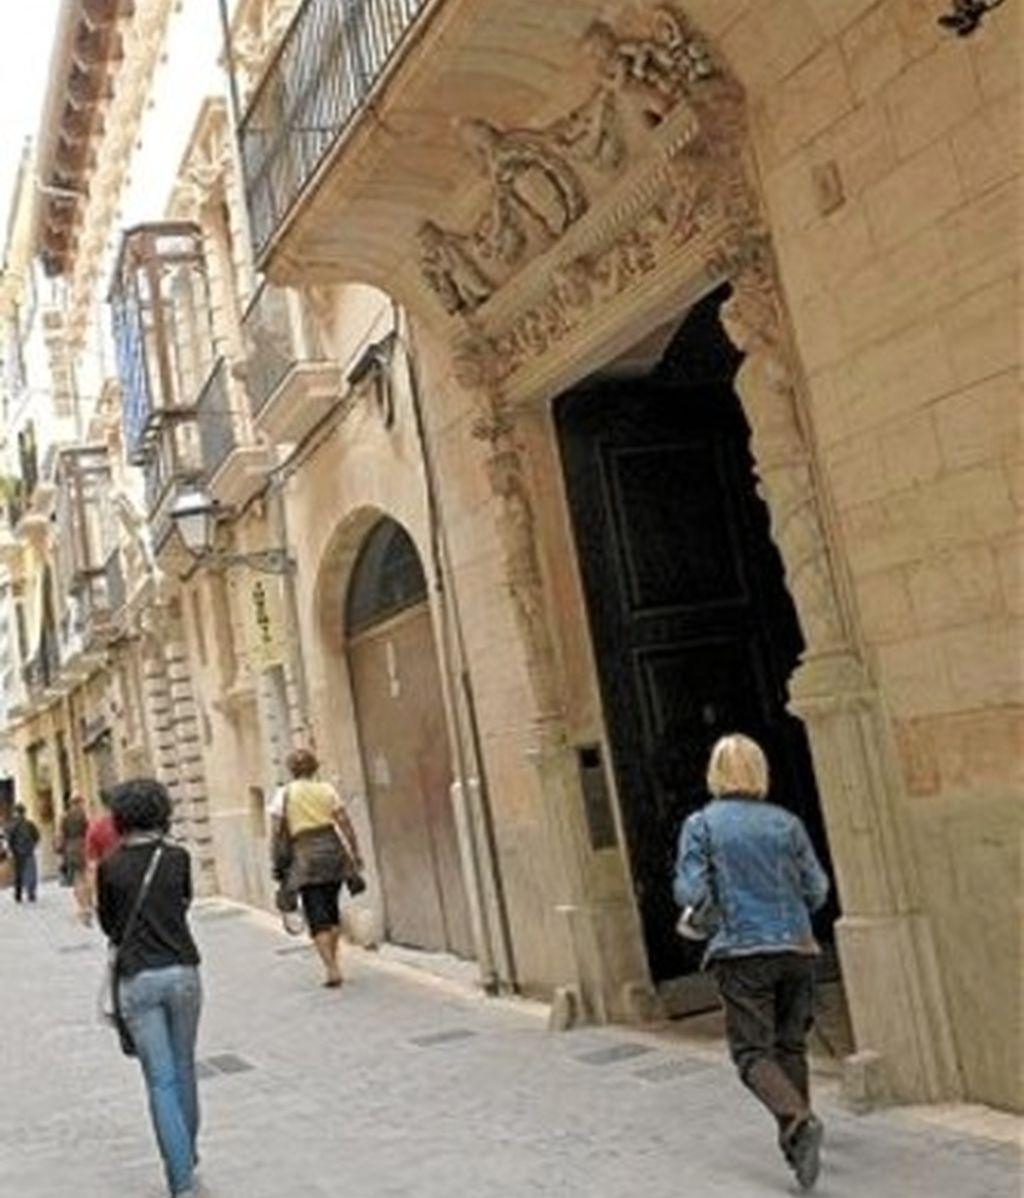 Palacete de Jaume Matas en Palma de Mallorca